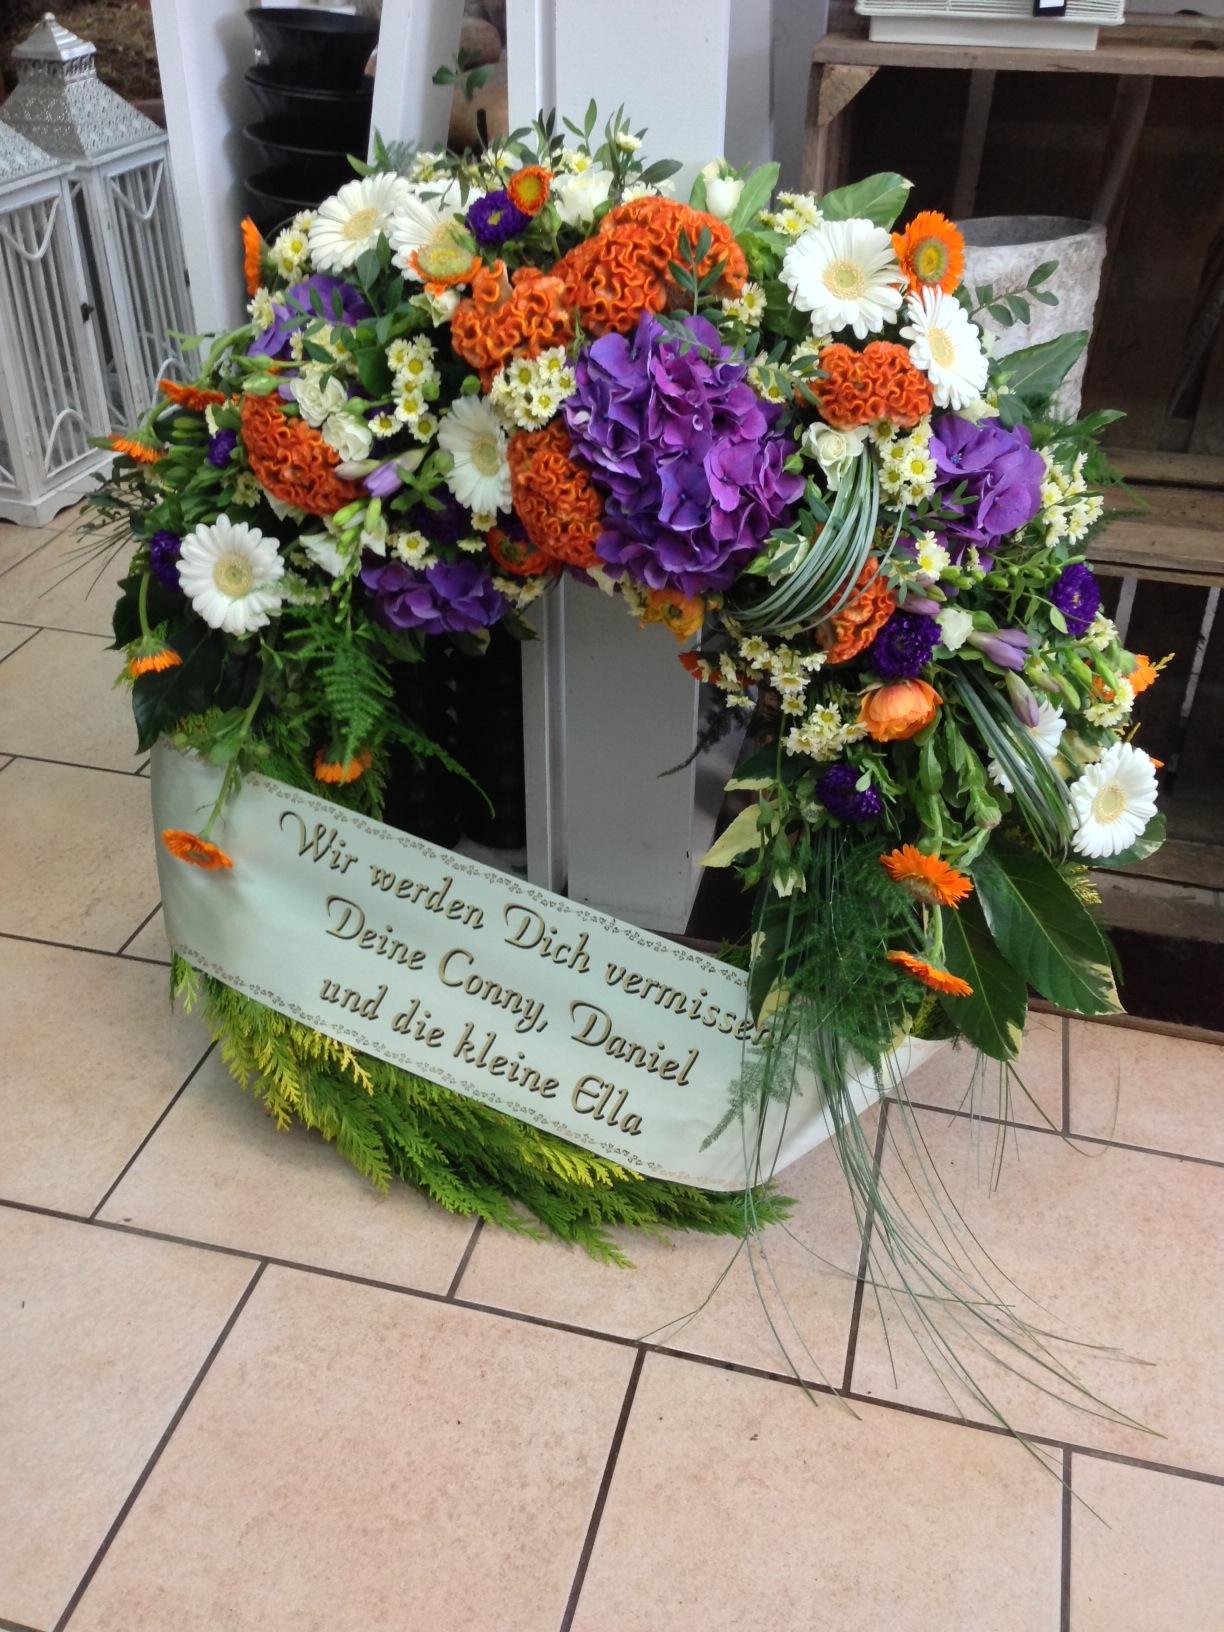 Etwas Neues genug Blattwerk Floristik, Blumen und Dekoration, Berlingerode @NR_47